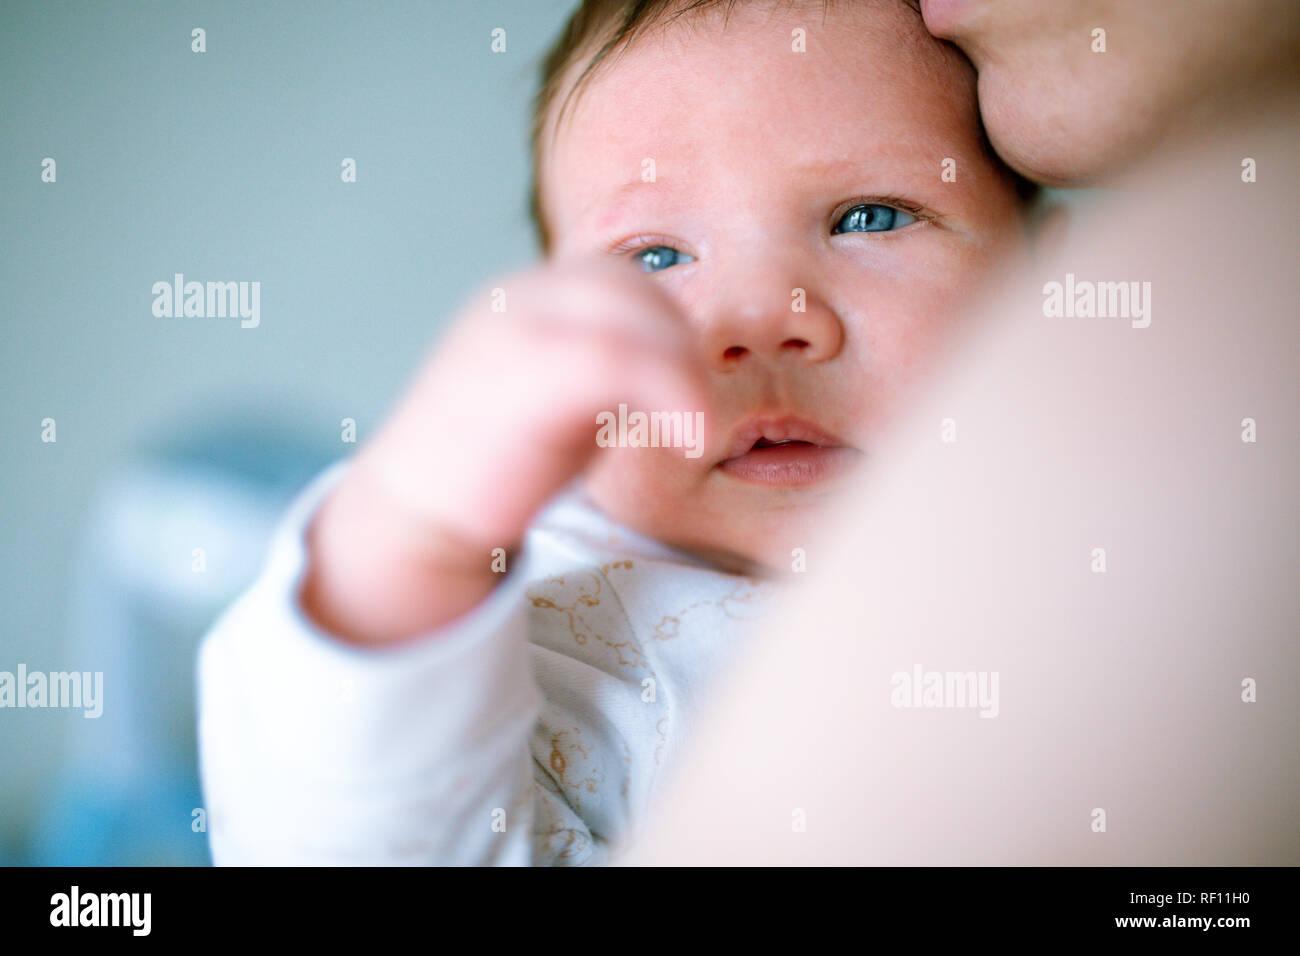 Junge Mutter ihr neugeborenes Kind umarmt. Mama Pflege Baby. Die Familie zu Hause. Liebe, Vertrauen und Zärtlichkeit. Stockfoto